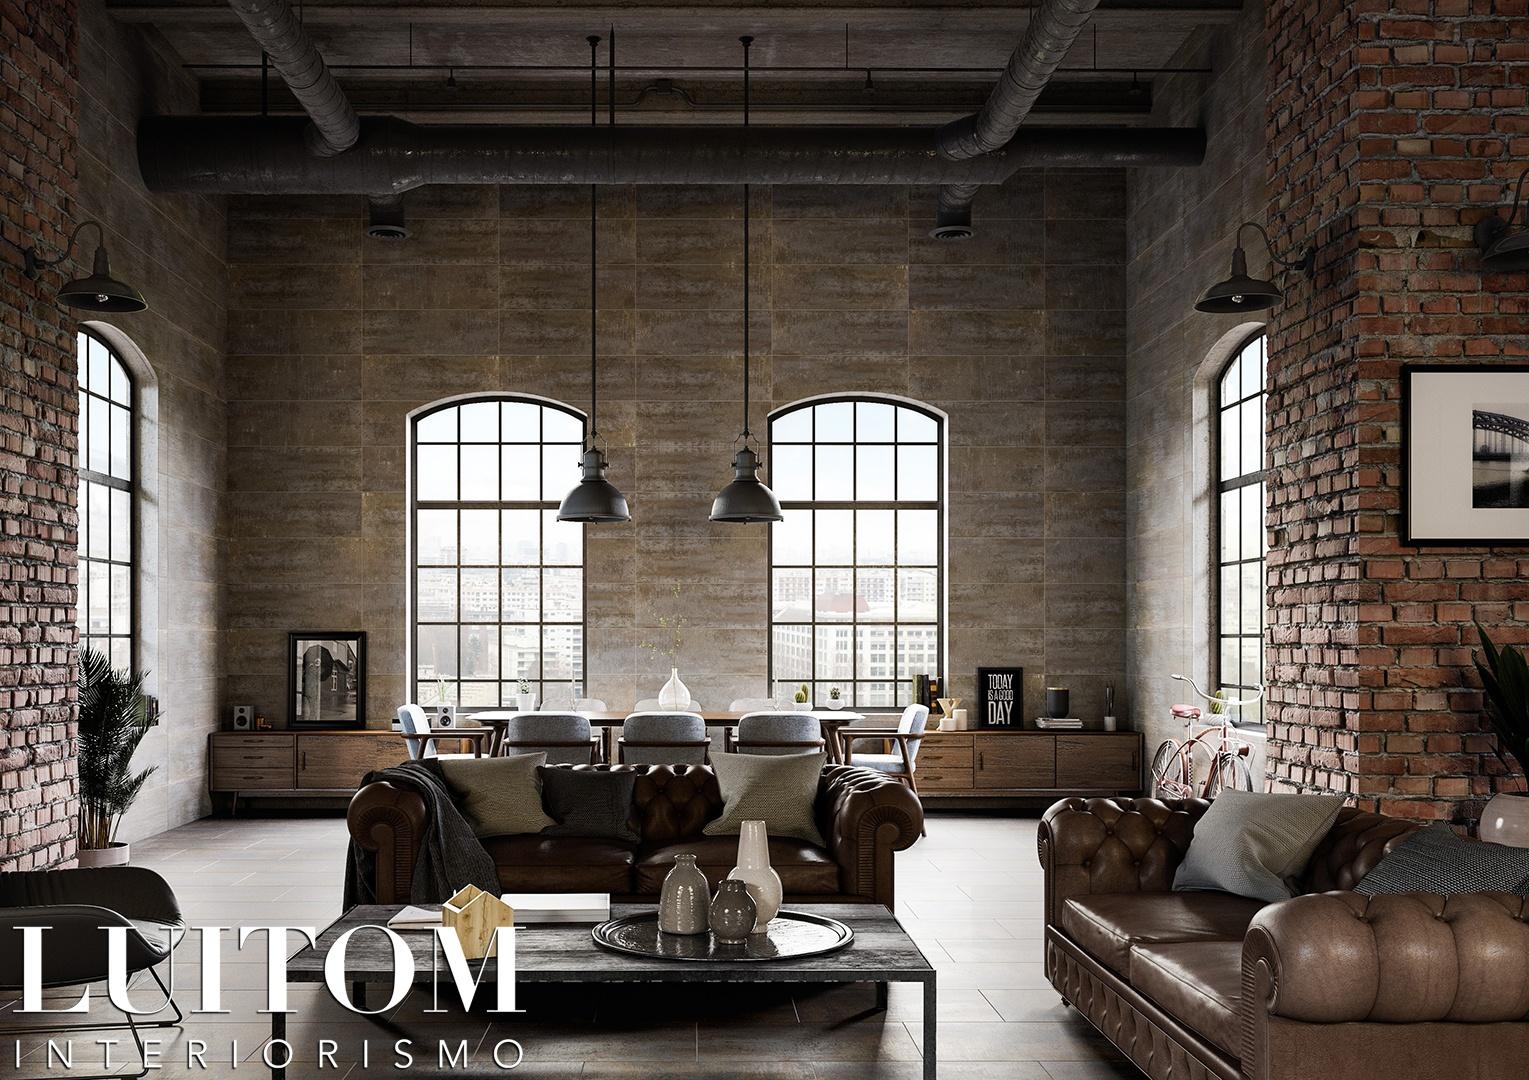 proyecto-decoracion-interiorismo-casa-interiorismo-lujo-madrid-arquitectos-interioristas-decoradores-16